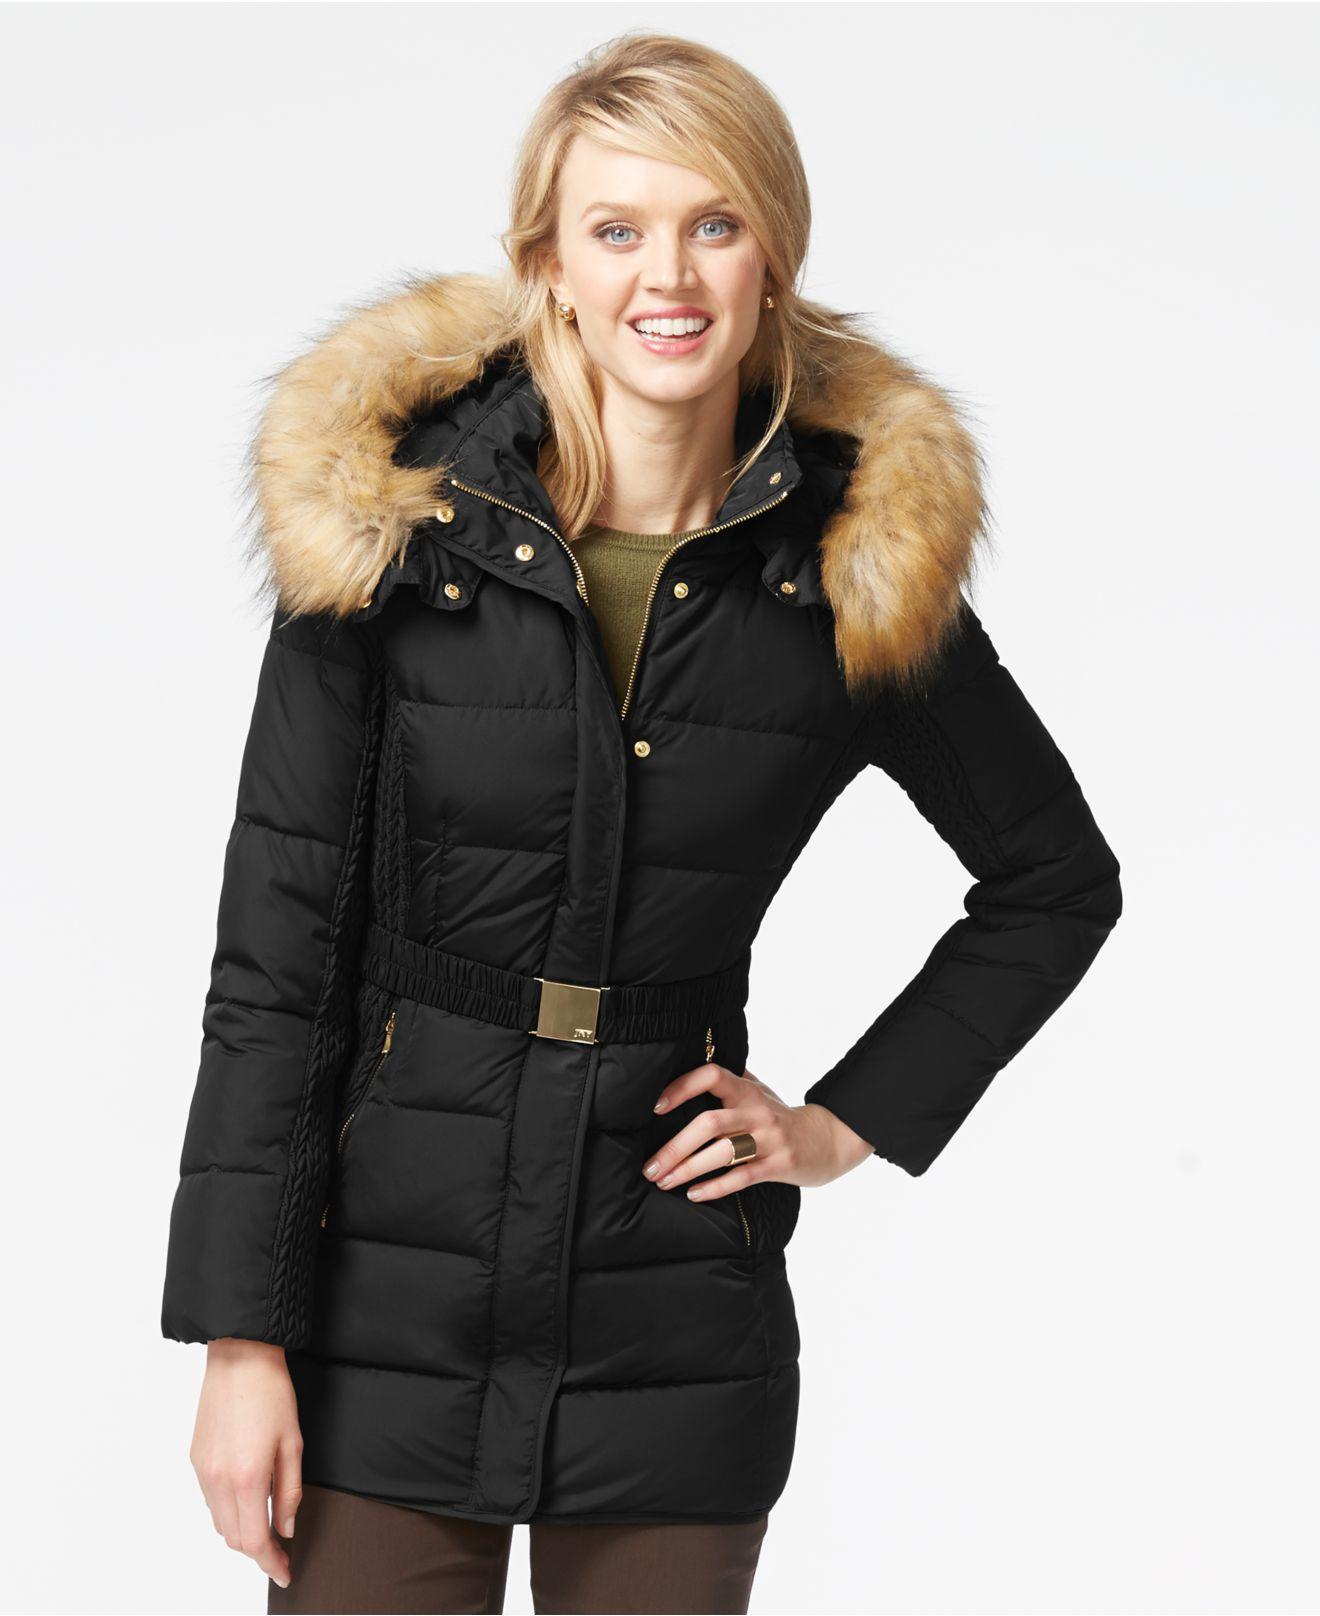 Faux Fur Coats Nordstrom